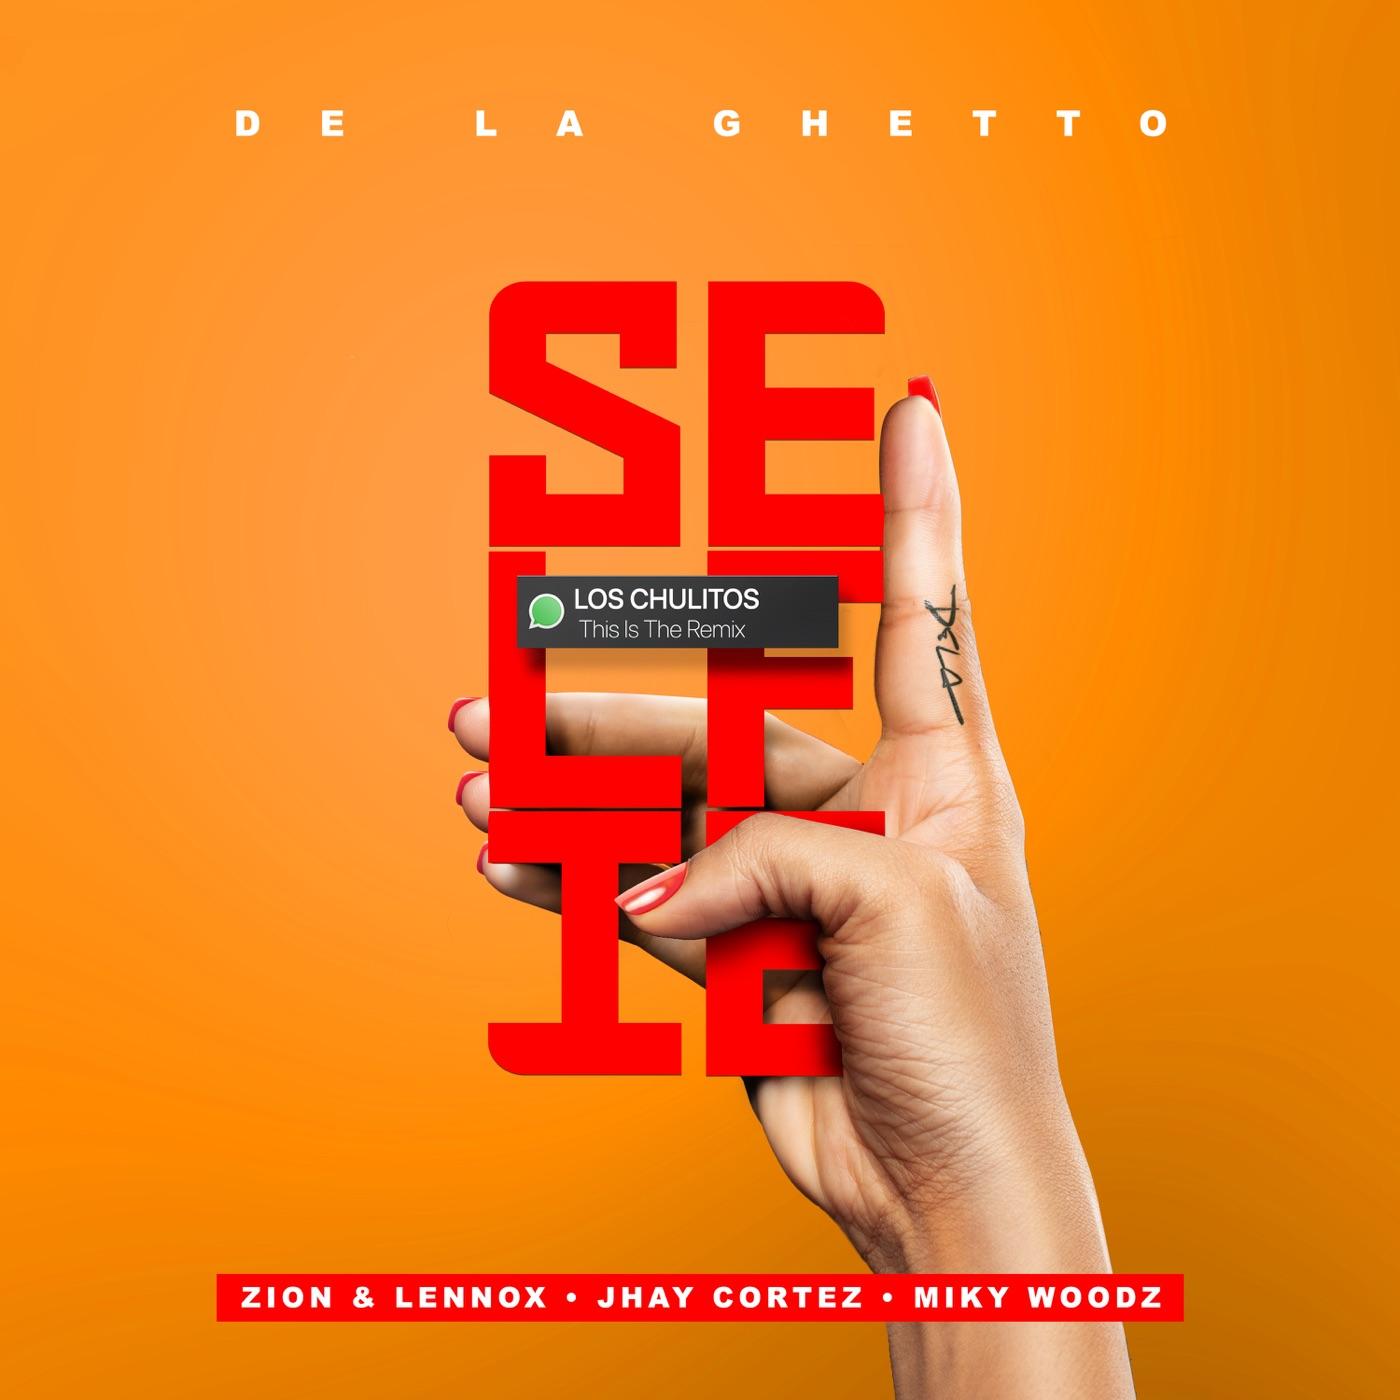 """Photo of El nuevo single del cantante De La Guetto """"Selfie Remix"""" ya está en las plataformas digitales"""